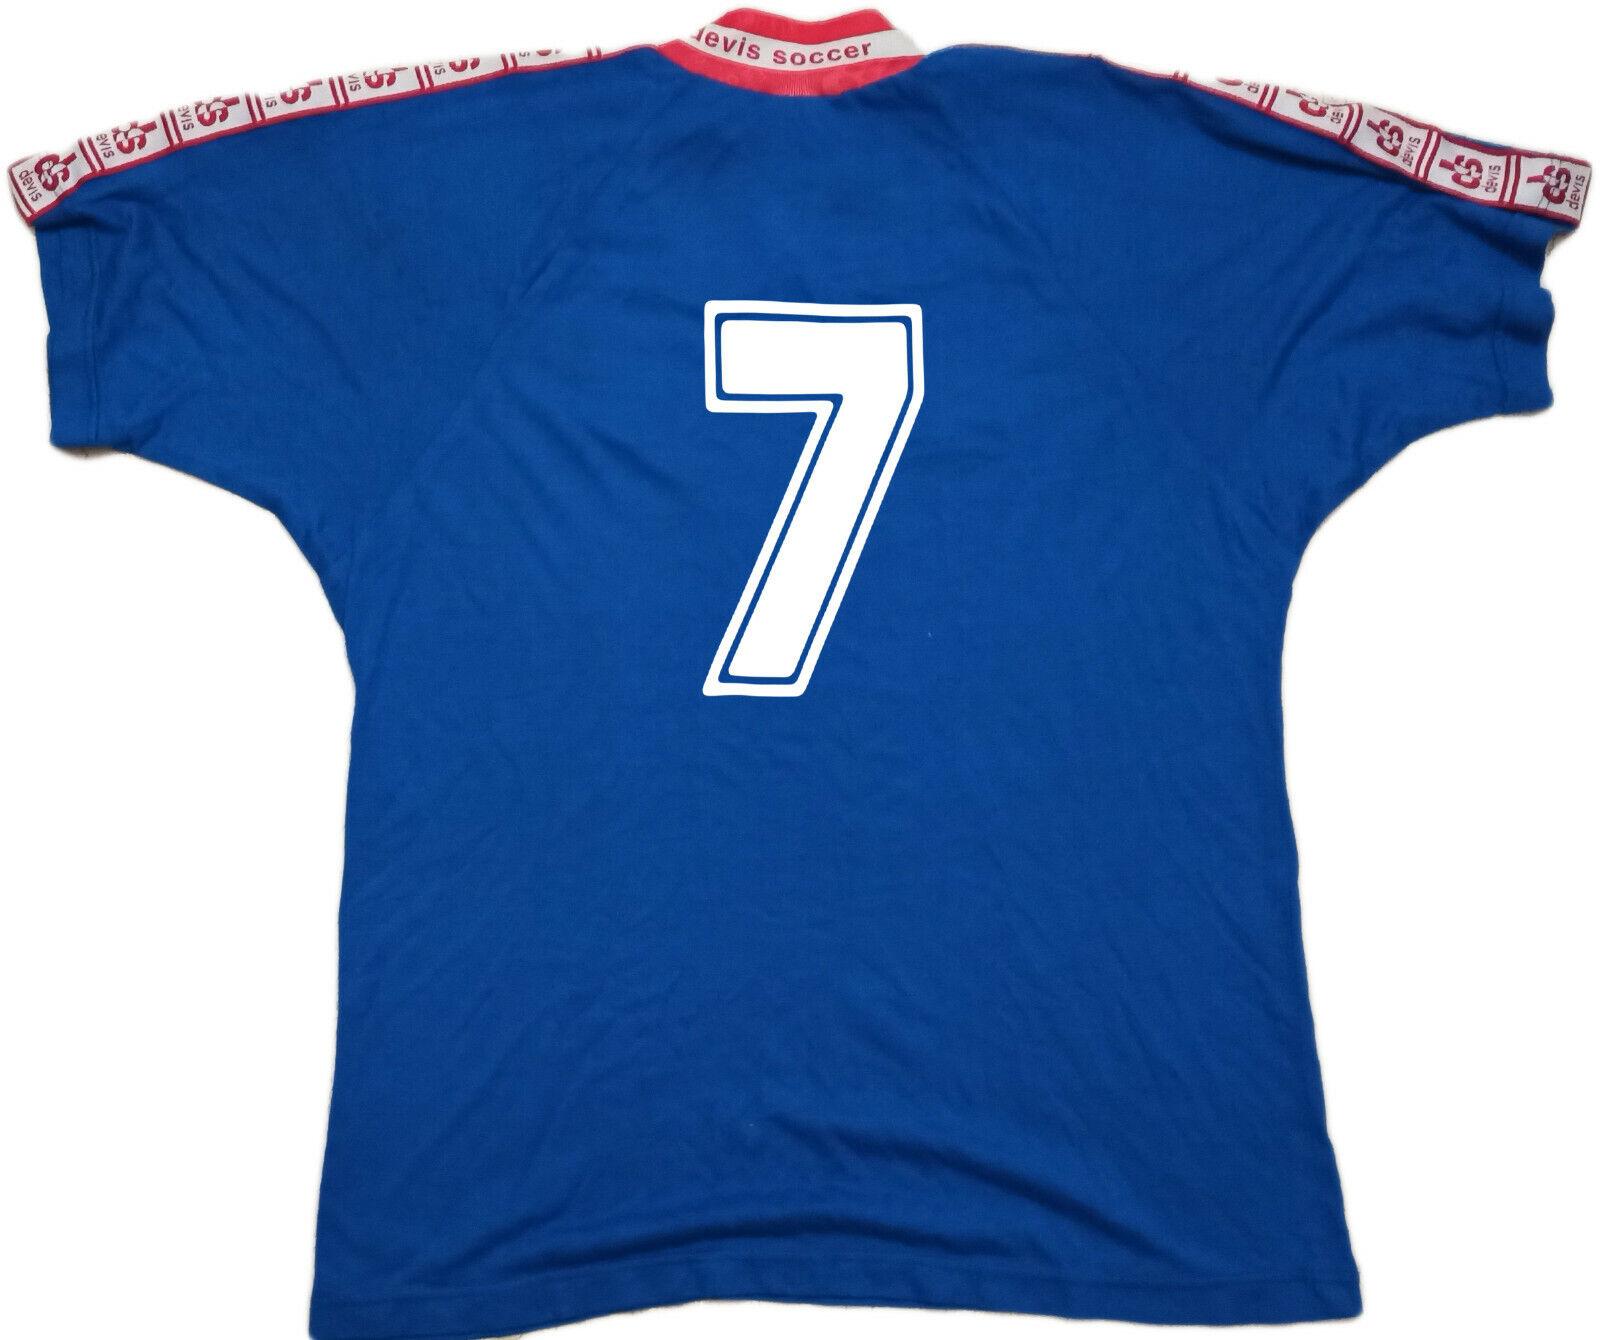 Maglia Como vintage DEVIS ZAMBrossoTA  7 7 7 ventex jersey COMO match worn L 1994 1995 f2f